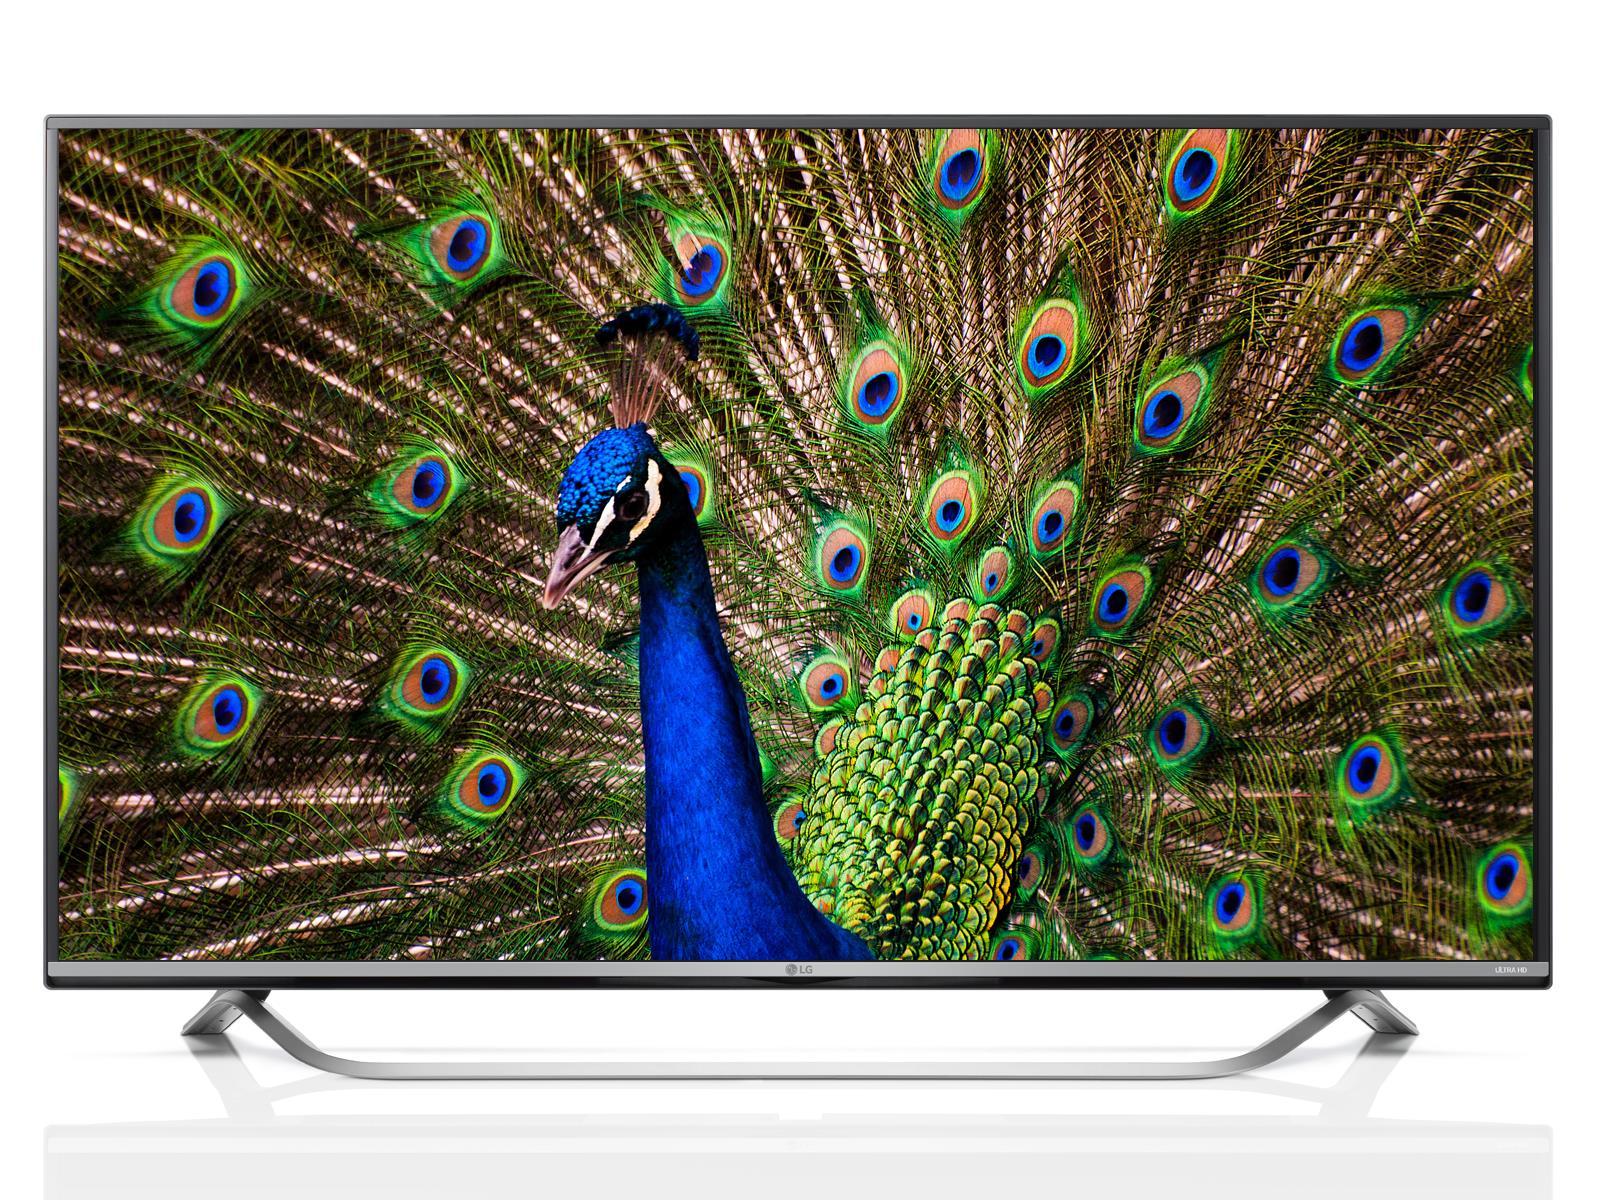 LG 65UF770T LED TV Image